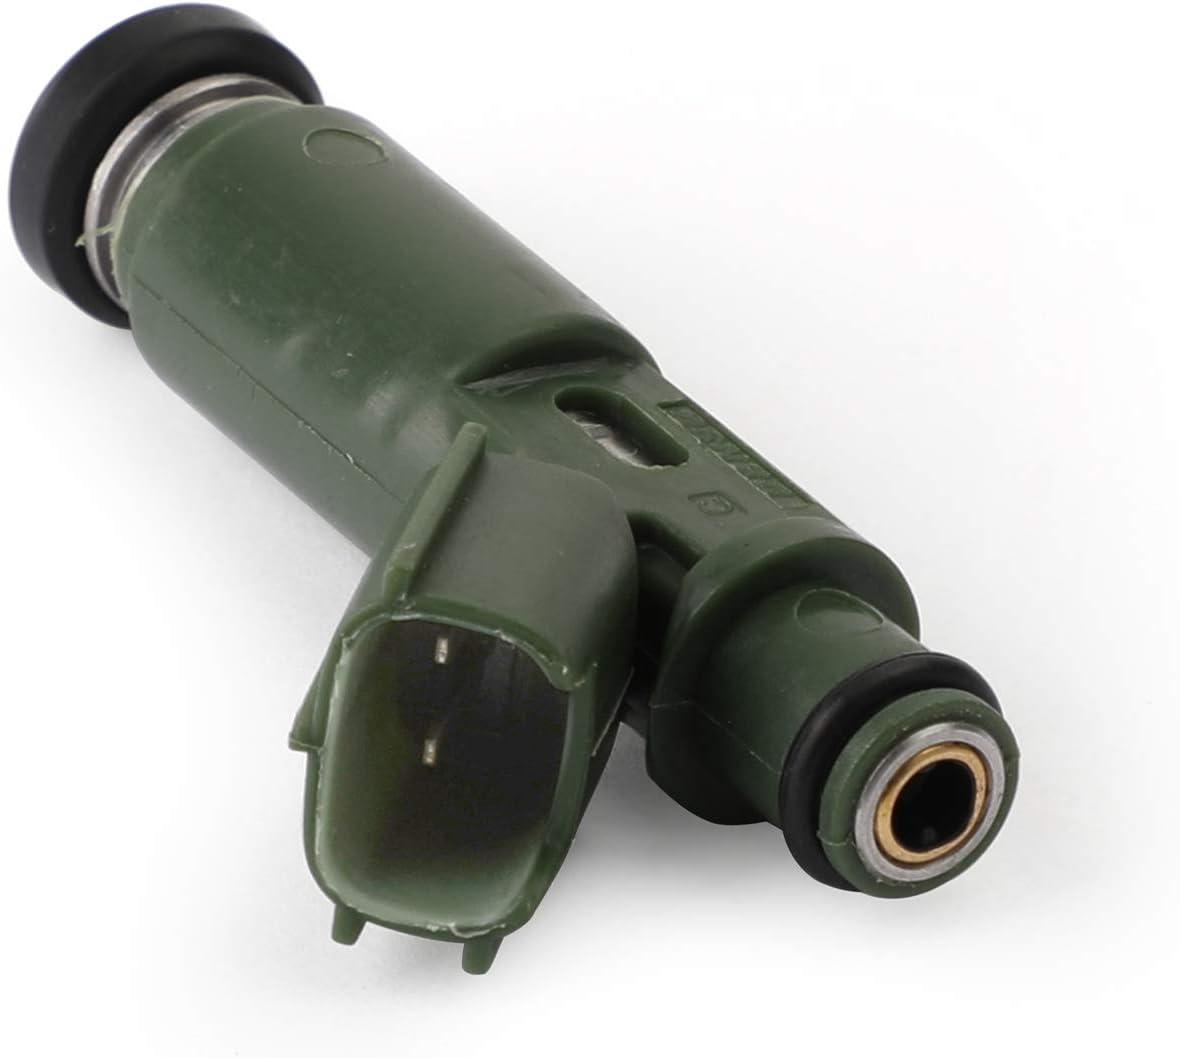 para TO-YO-TA CELICA COROLLA MATRIX boquilla inyector de combustible de gasolina de repuesto para CHEVRO-LET PRIZM Artudatech inyectores de combustible